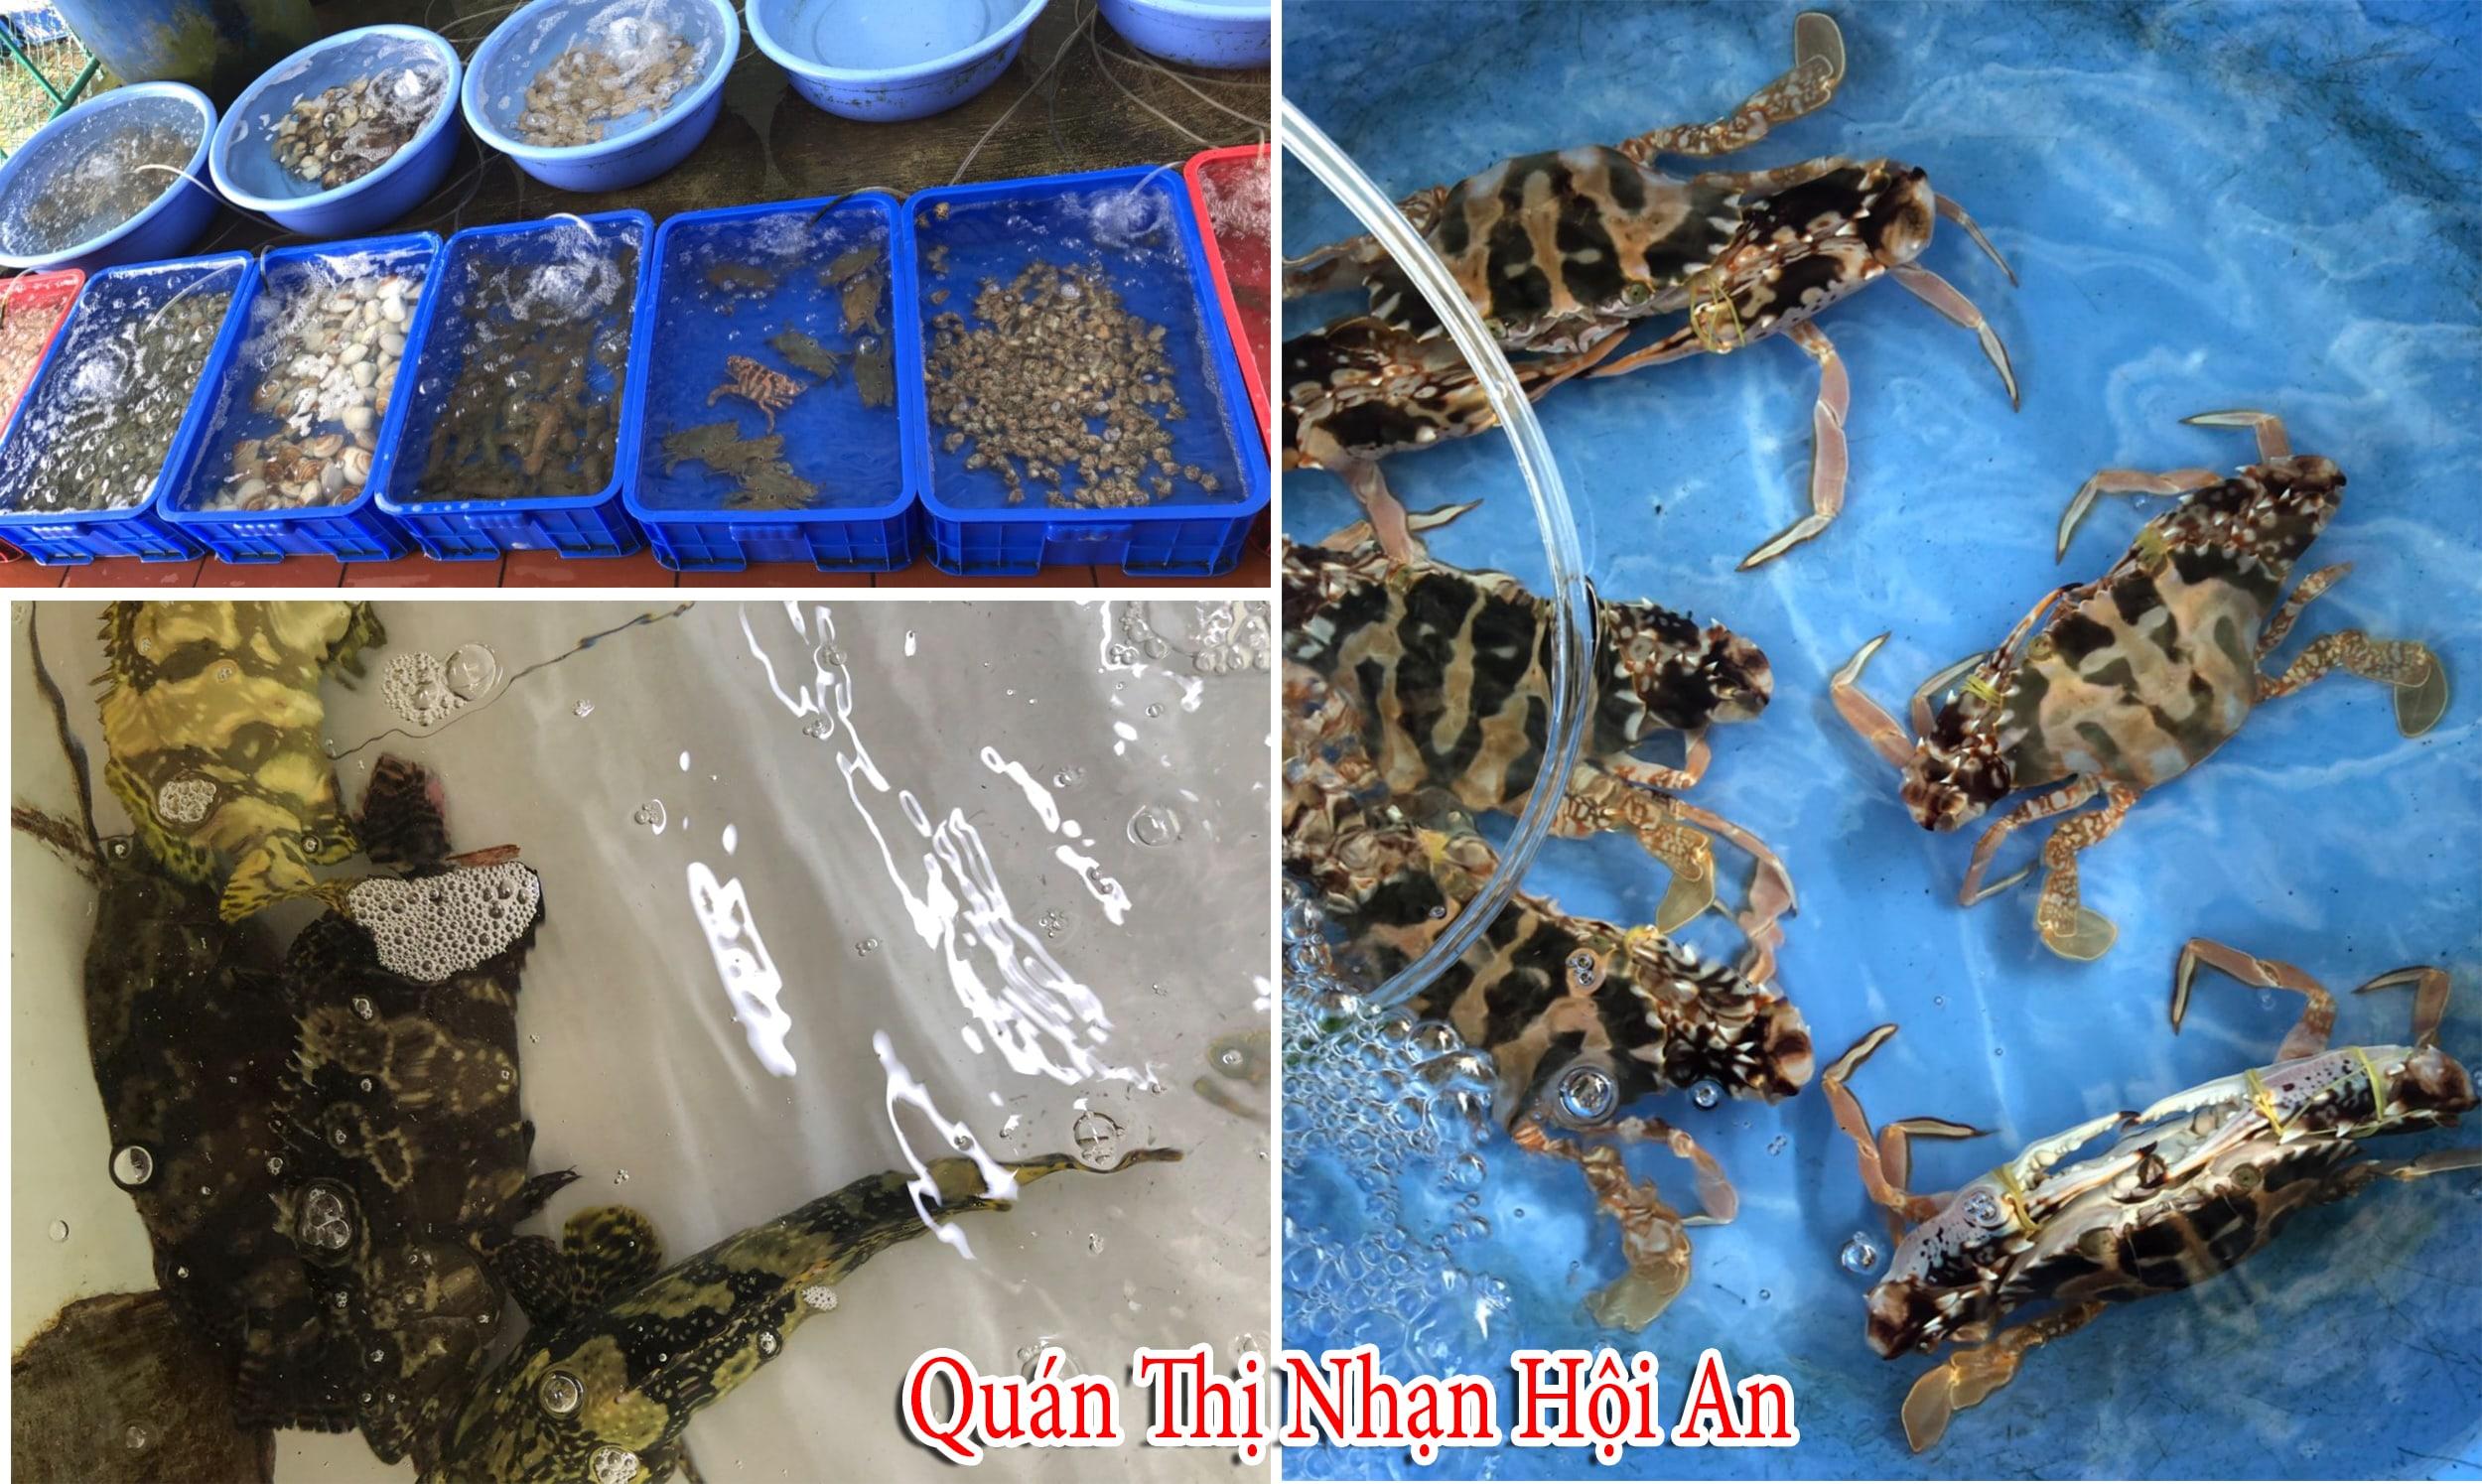 Quán Thị Nhạn Hội An đa dạng các loại hải sản tươi sống